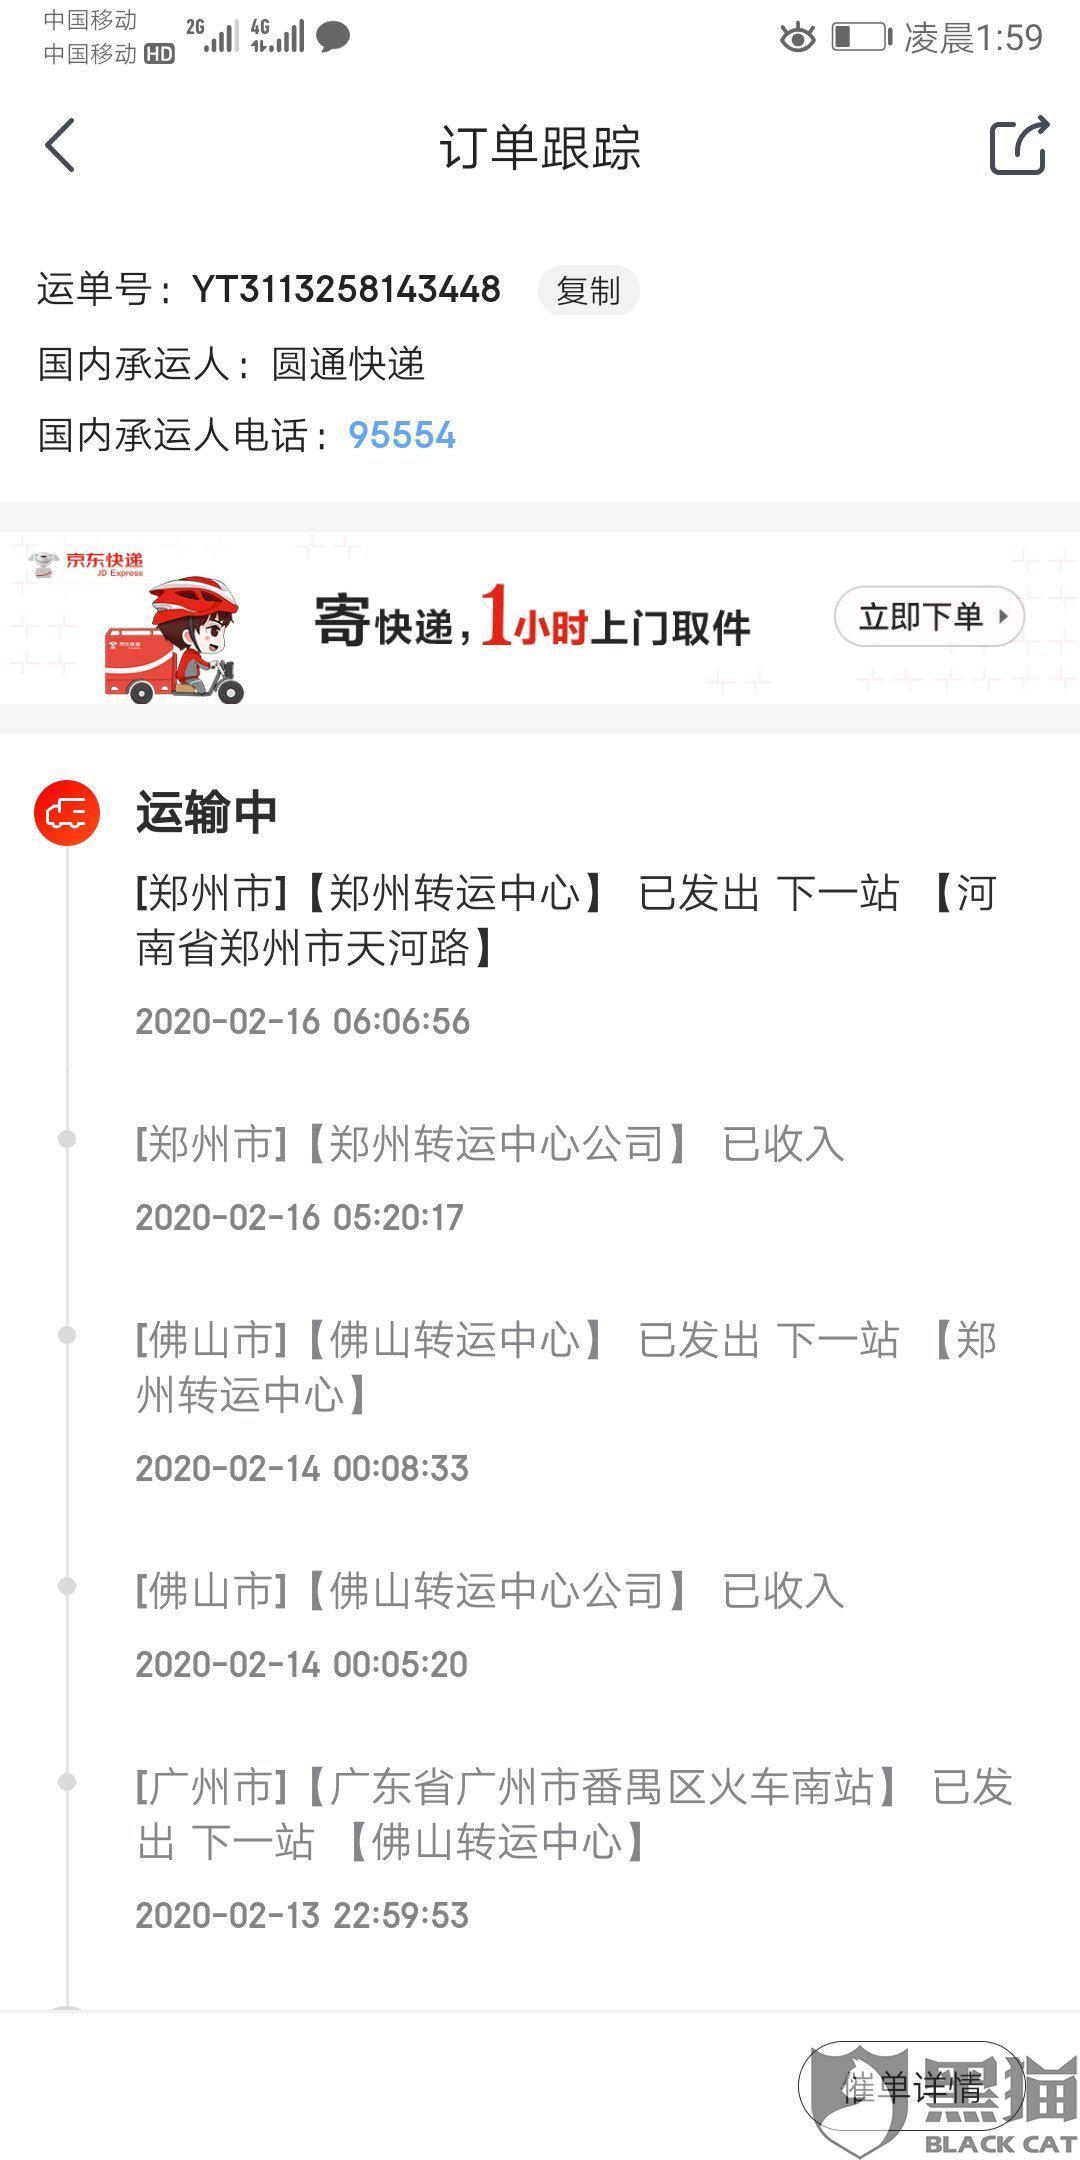 黑猫投诉:2月12日在京东买手机充电线,到现在一直没有人配送。也没人打电话。